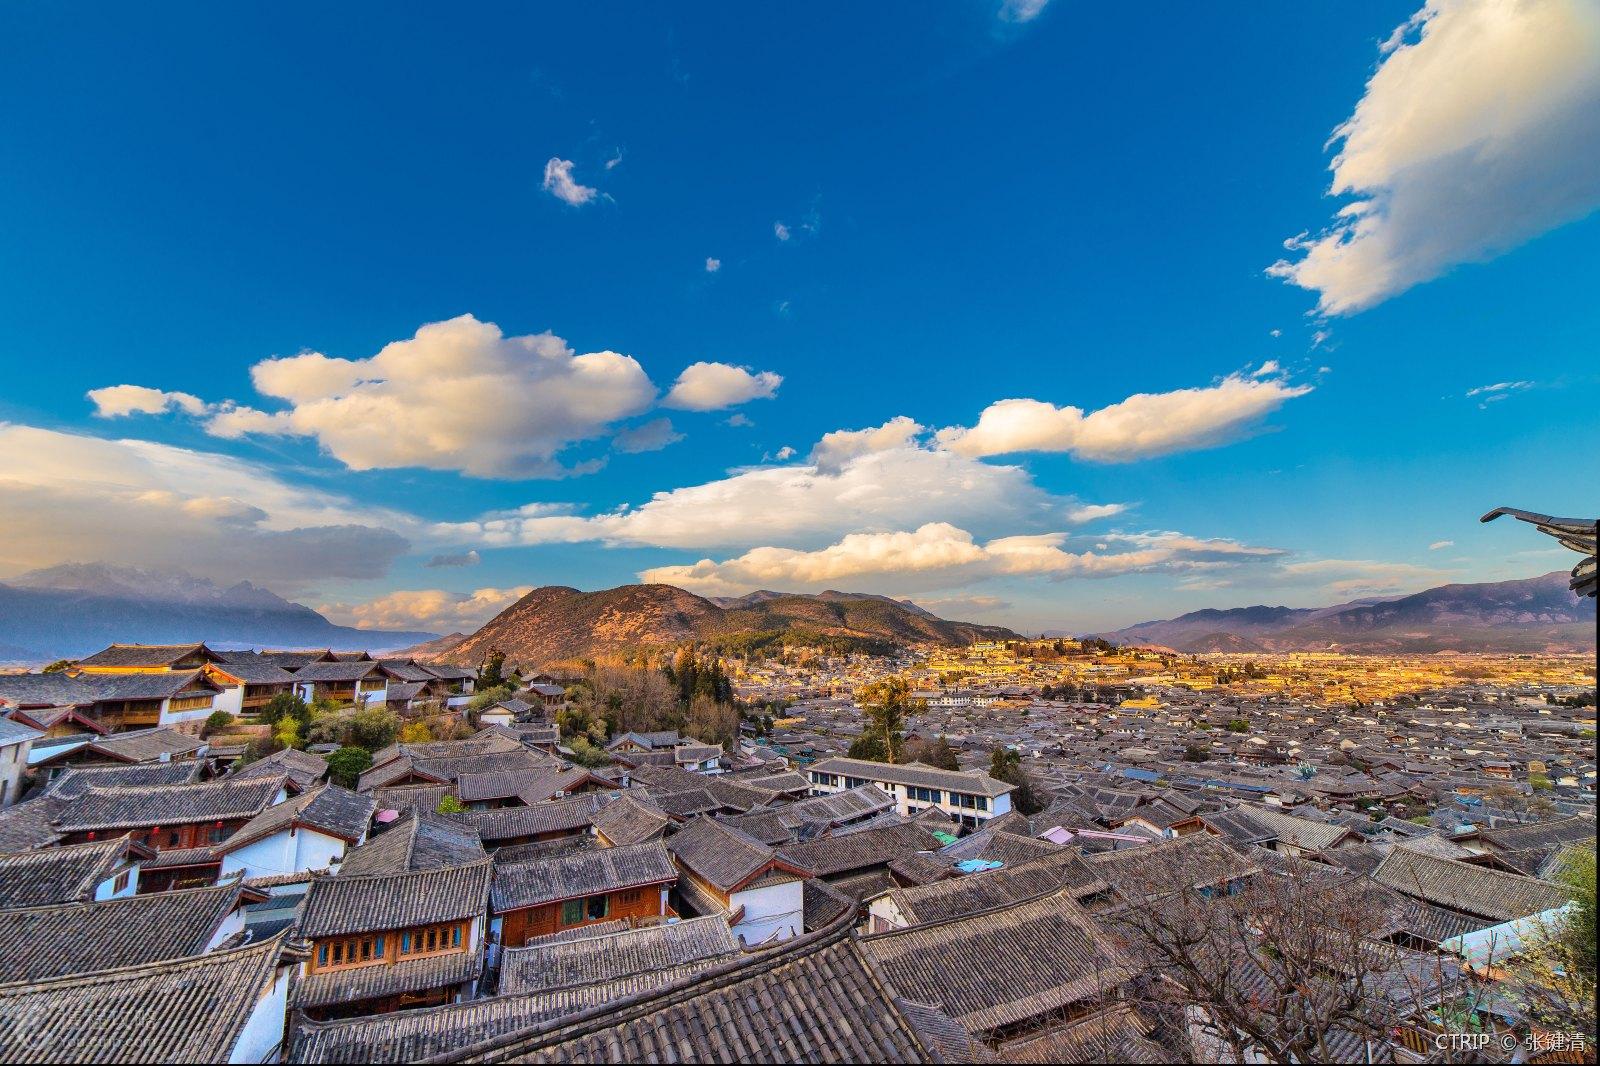 彝族自治县县城就餐,在下午2点半左右到达泸沽湖观景台,欣赏风景如画